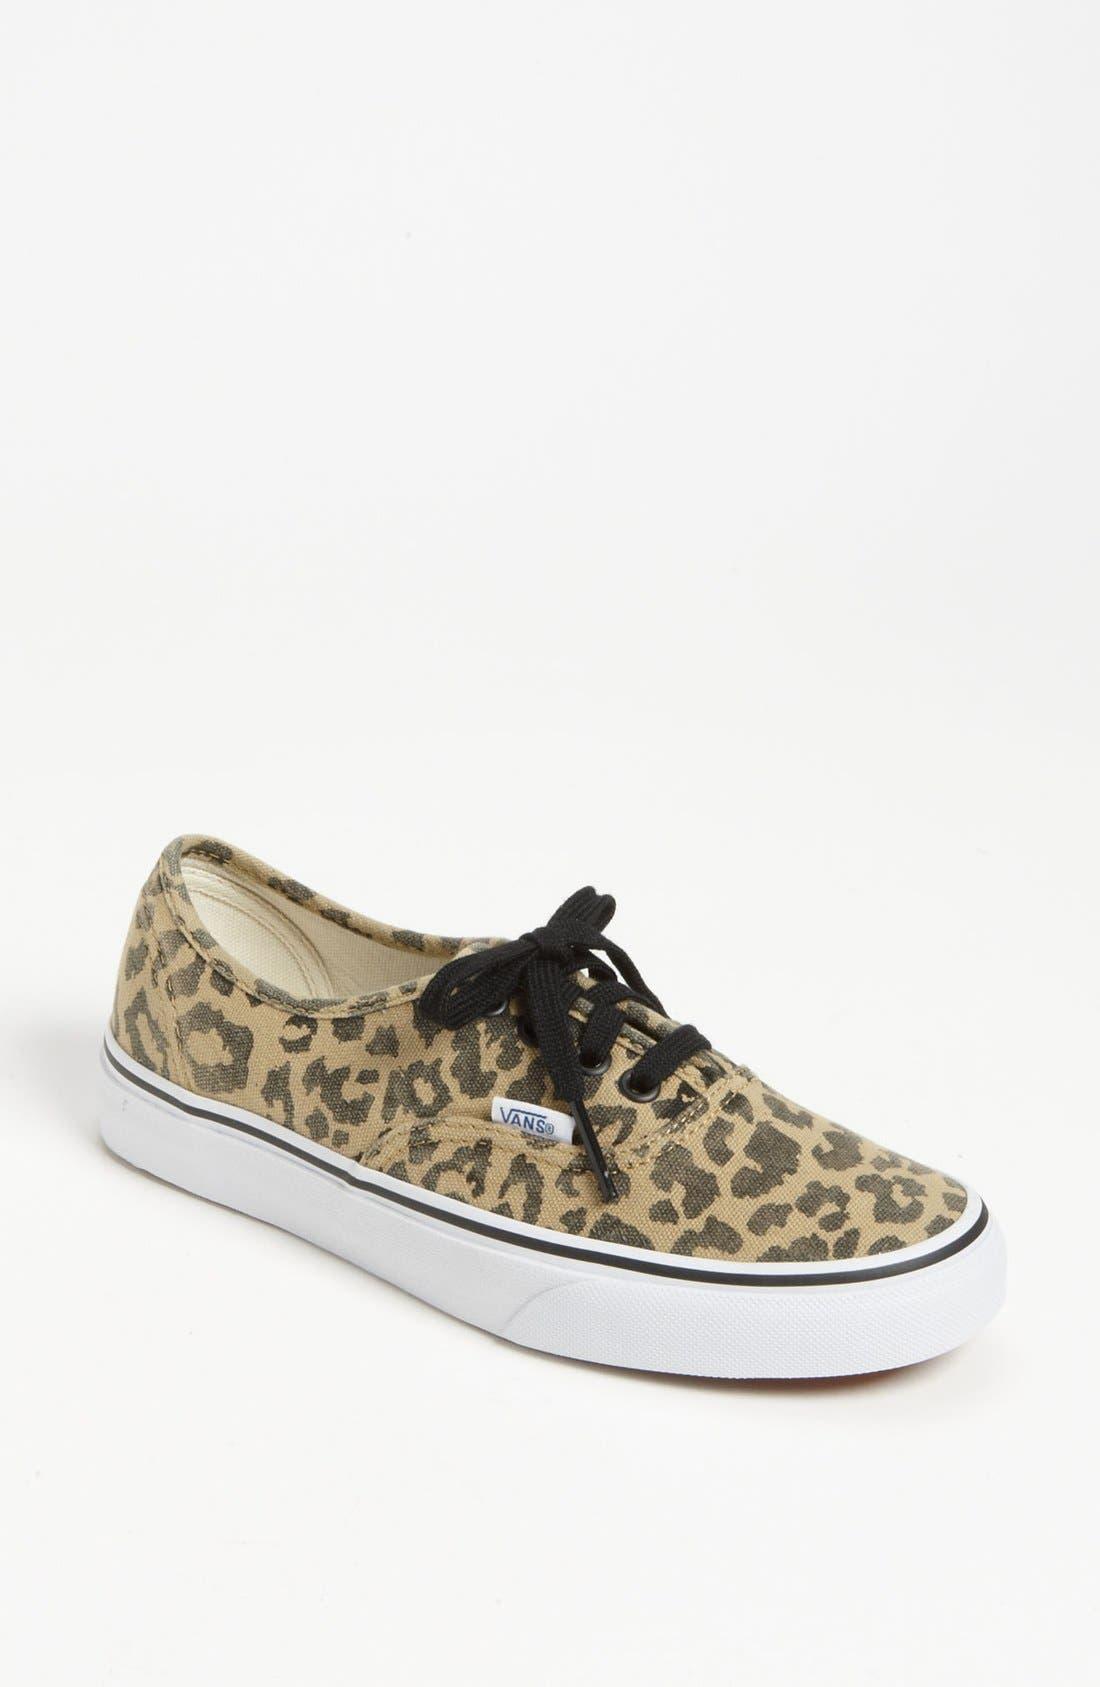 Main Image - Vans 'Authentic - Van Doren' Sneaker (Women)